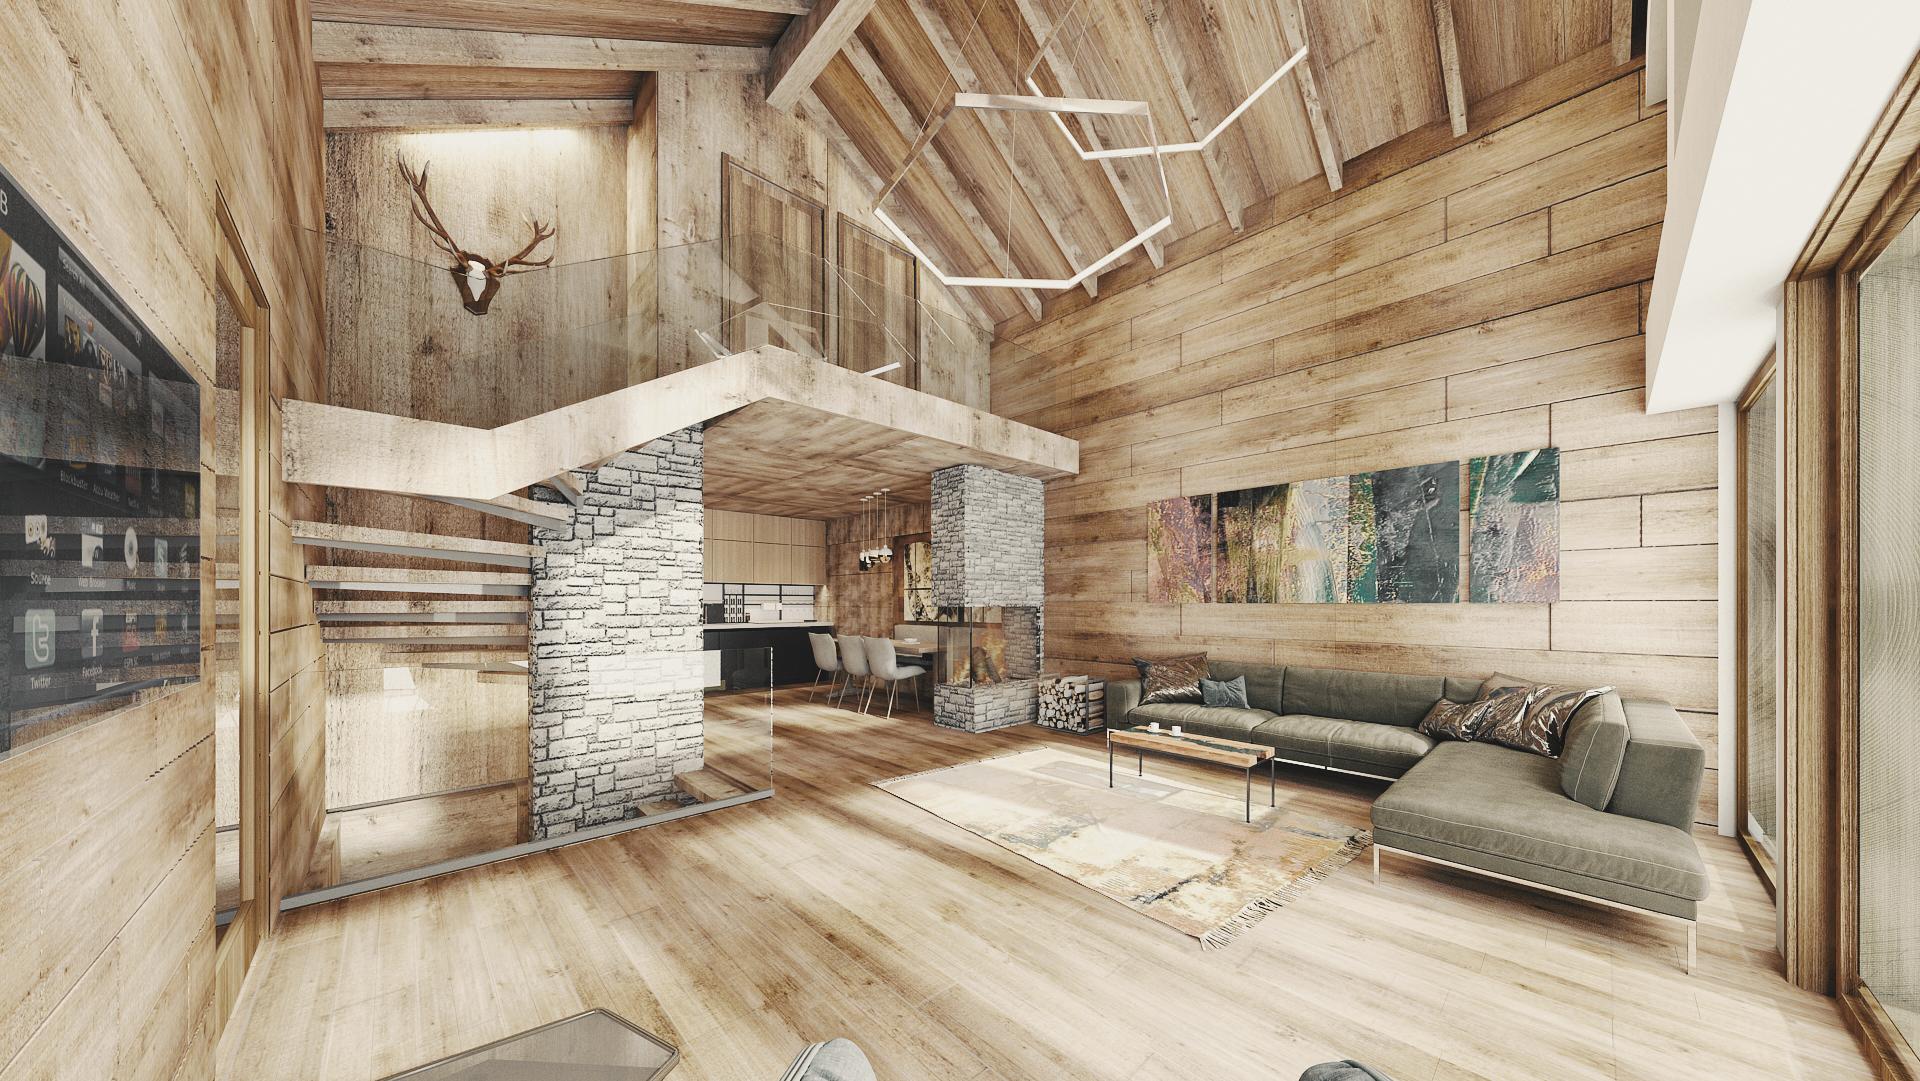 Design Interior Bs Arhitectura